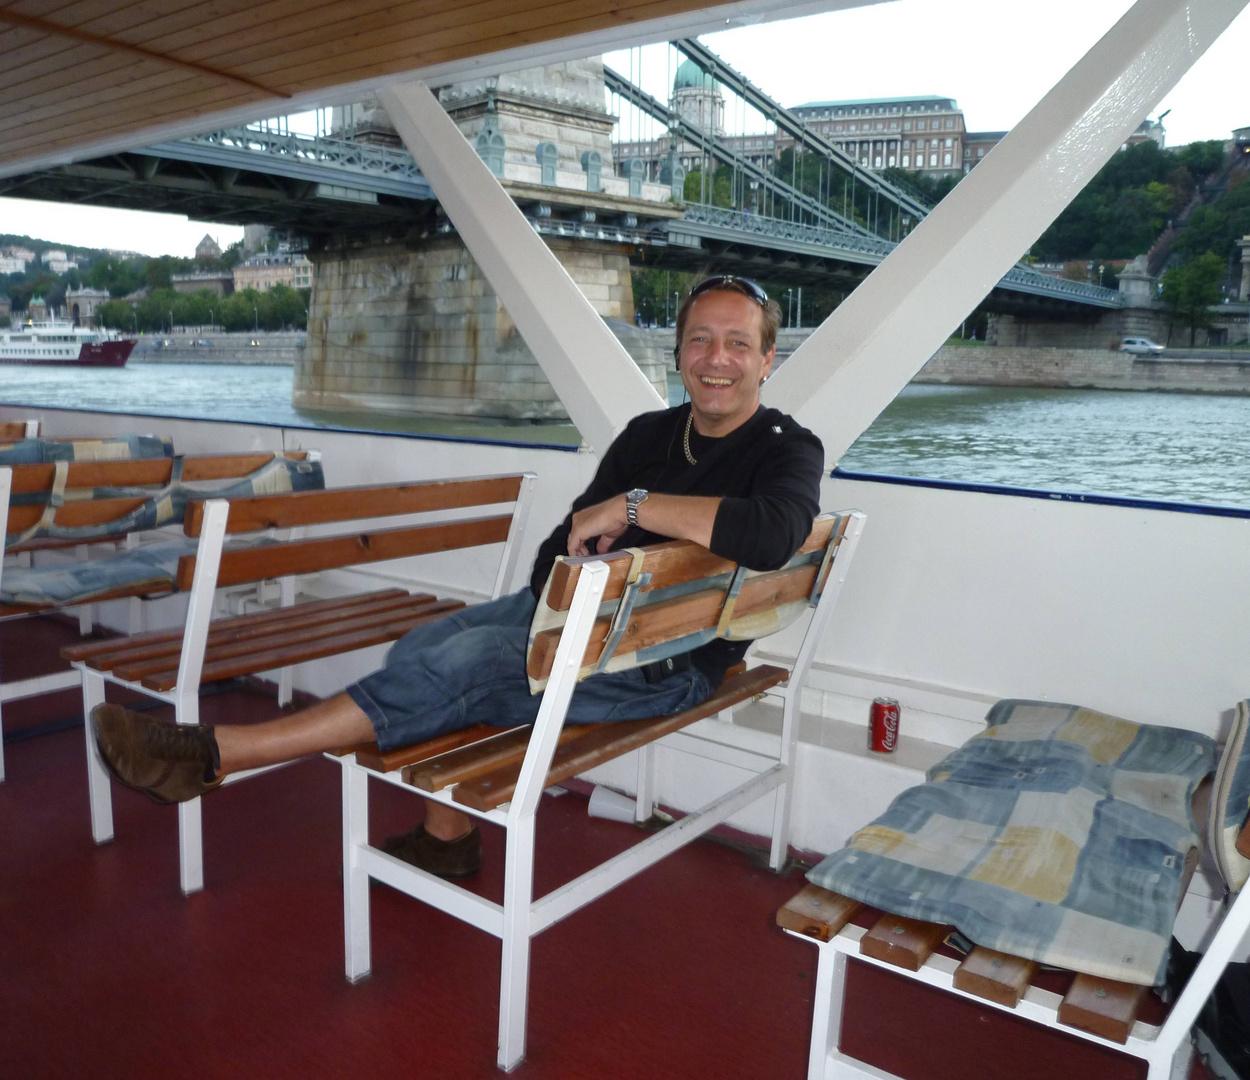 Donaurundfahrt in Budapest